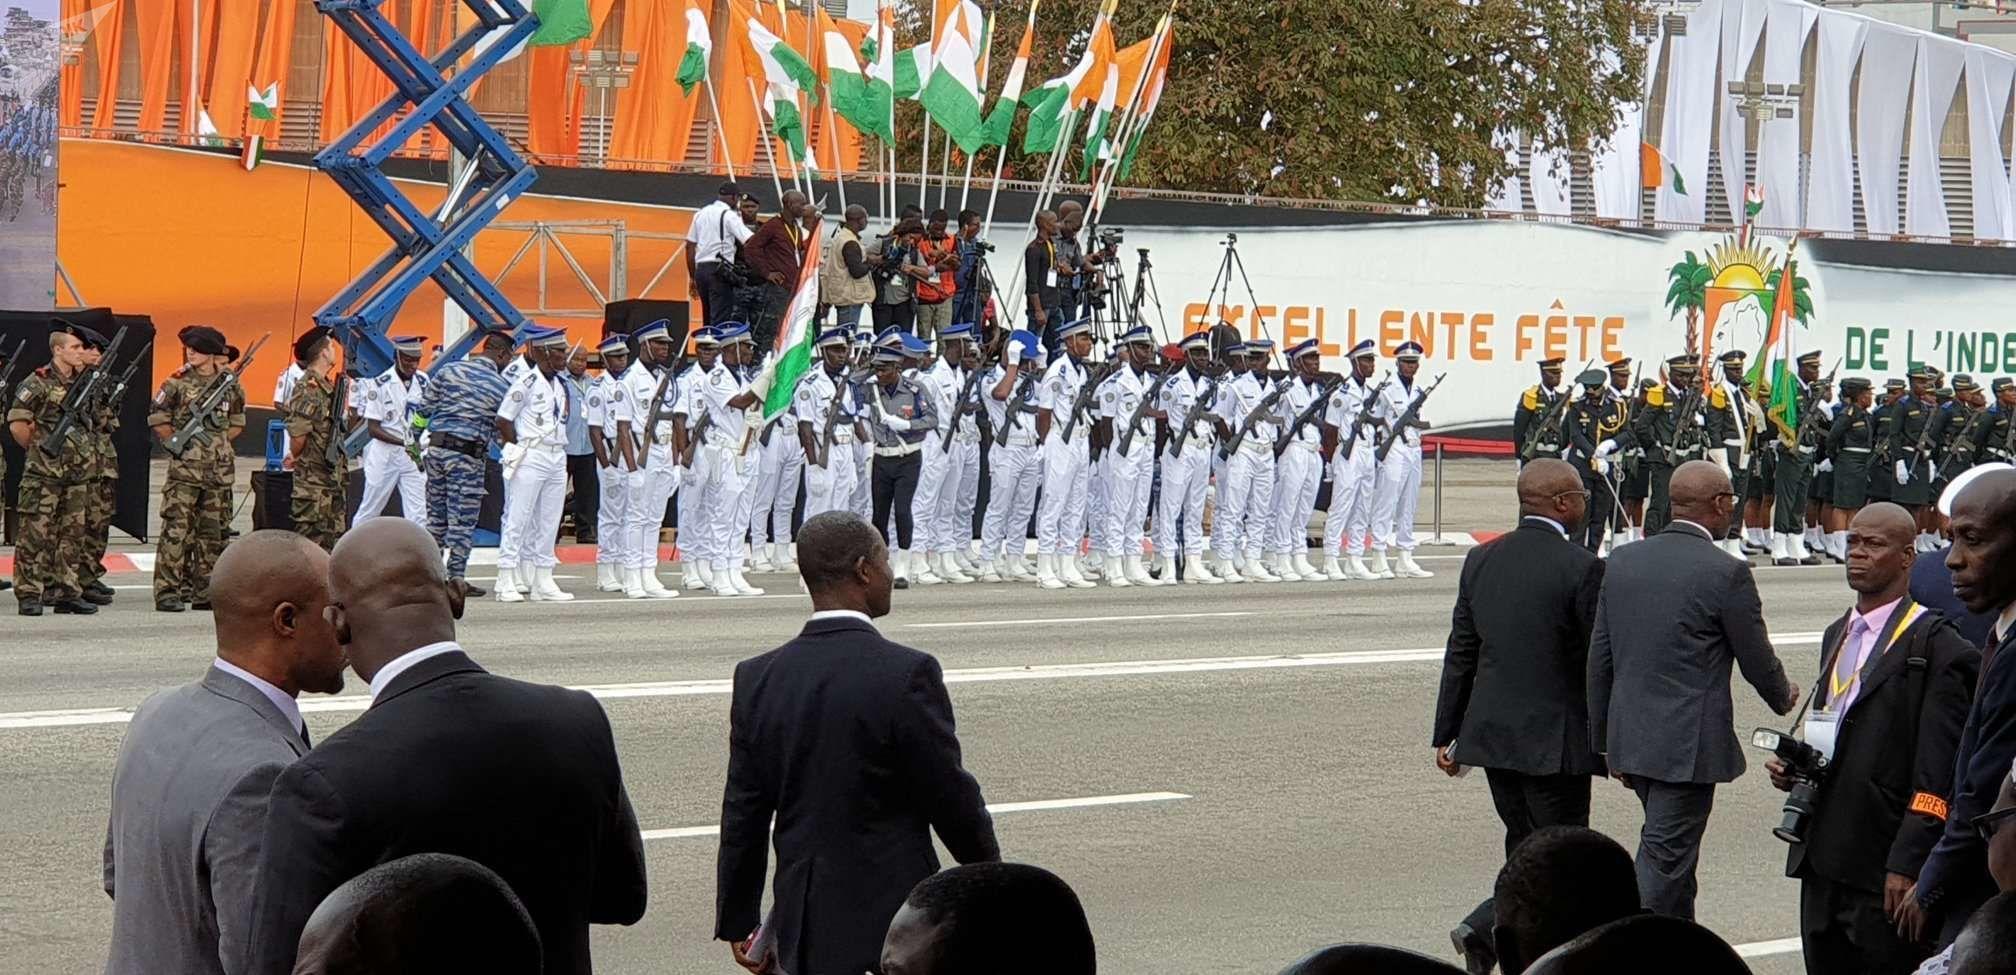 Un détachement de la gendarmerie ivoirienne se prépare au défilé du 7 août à Treichville